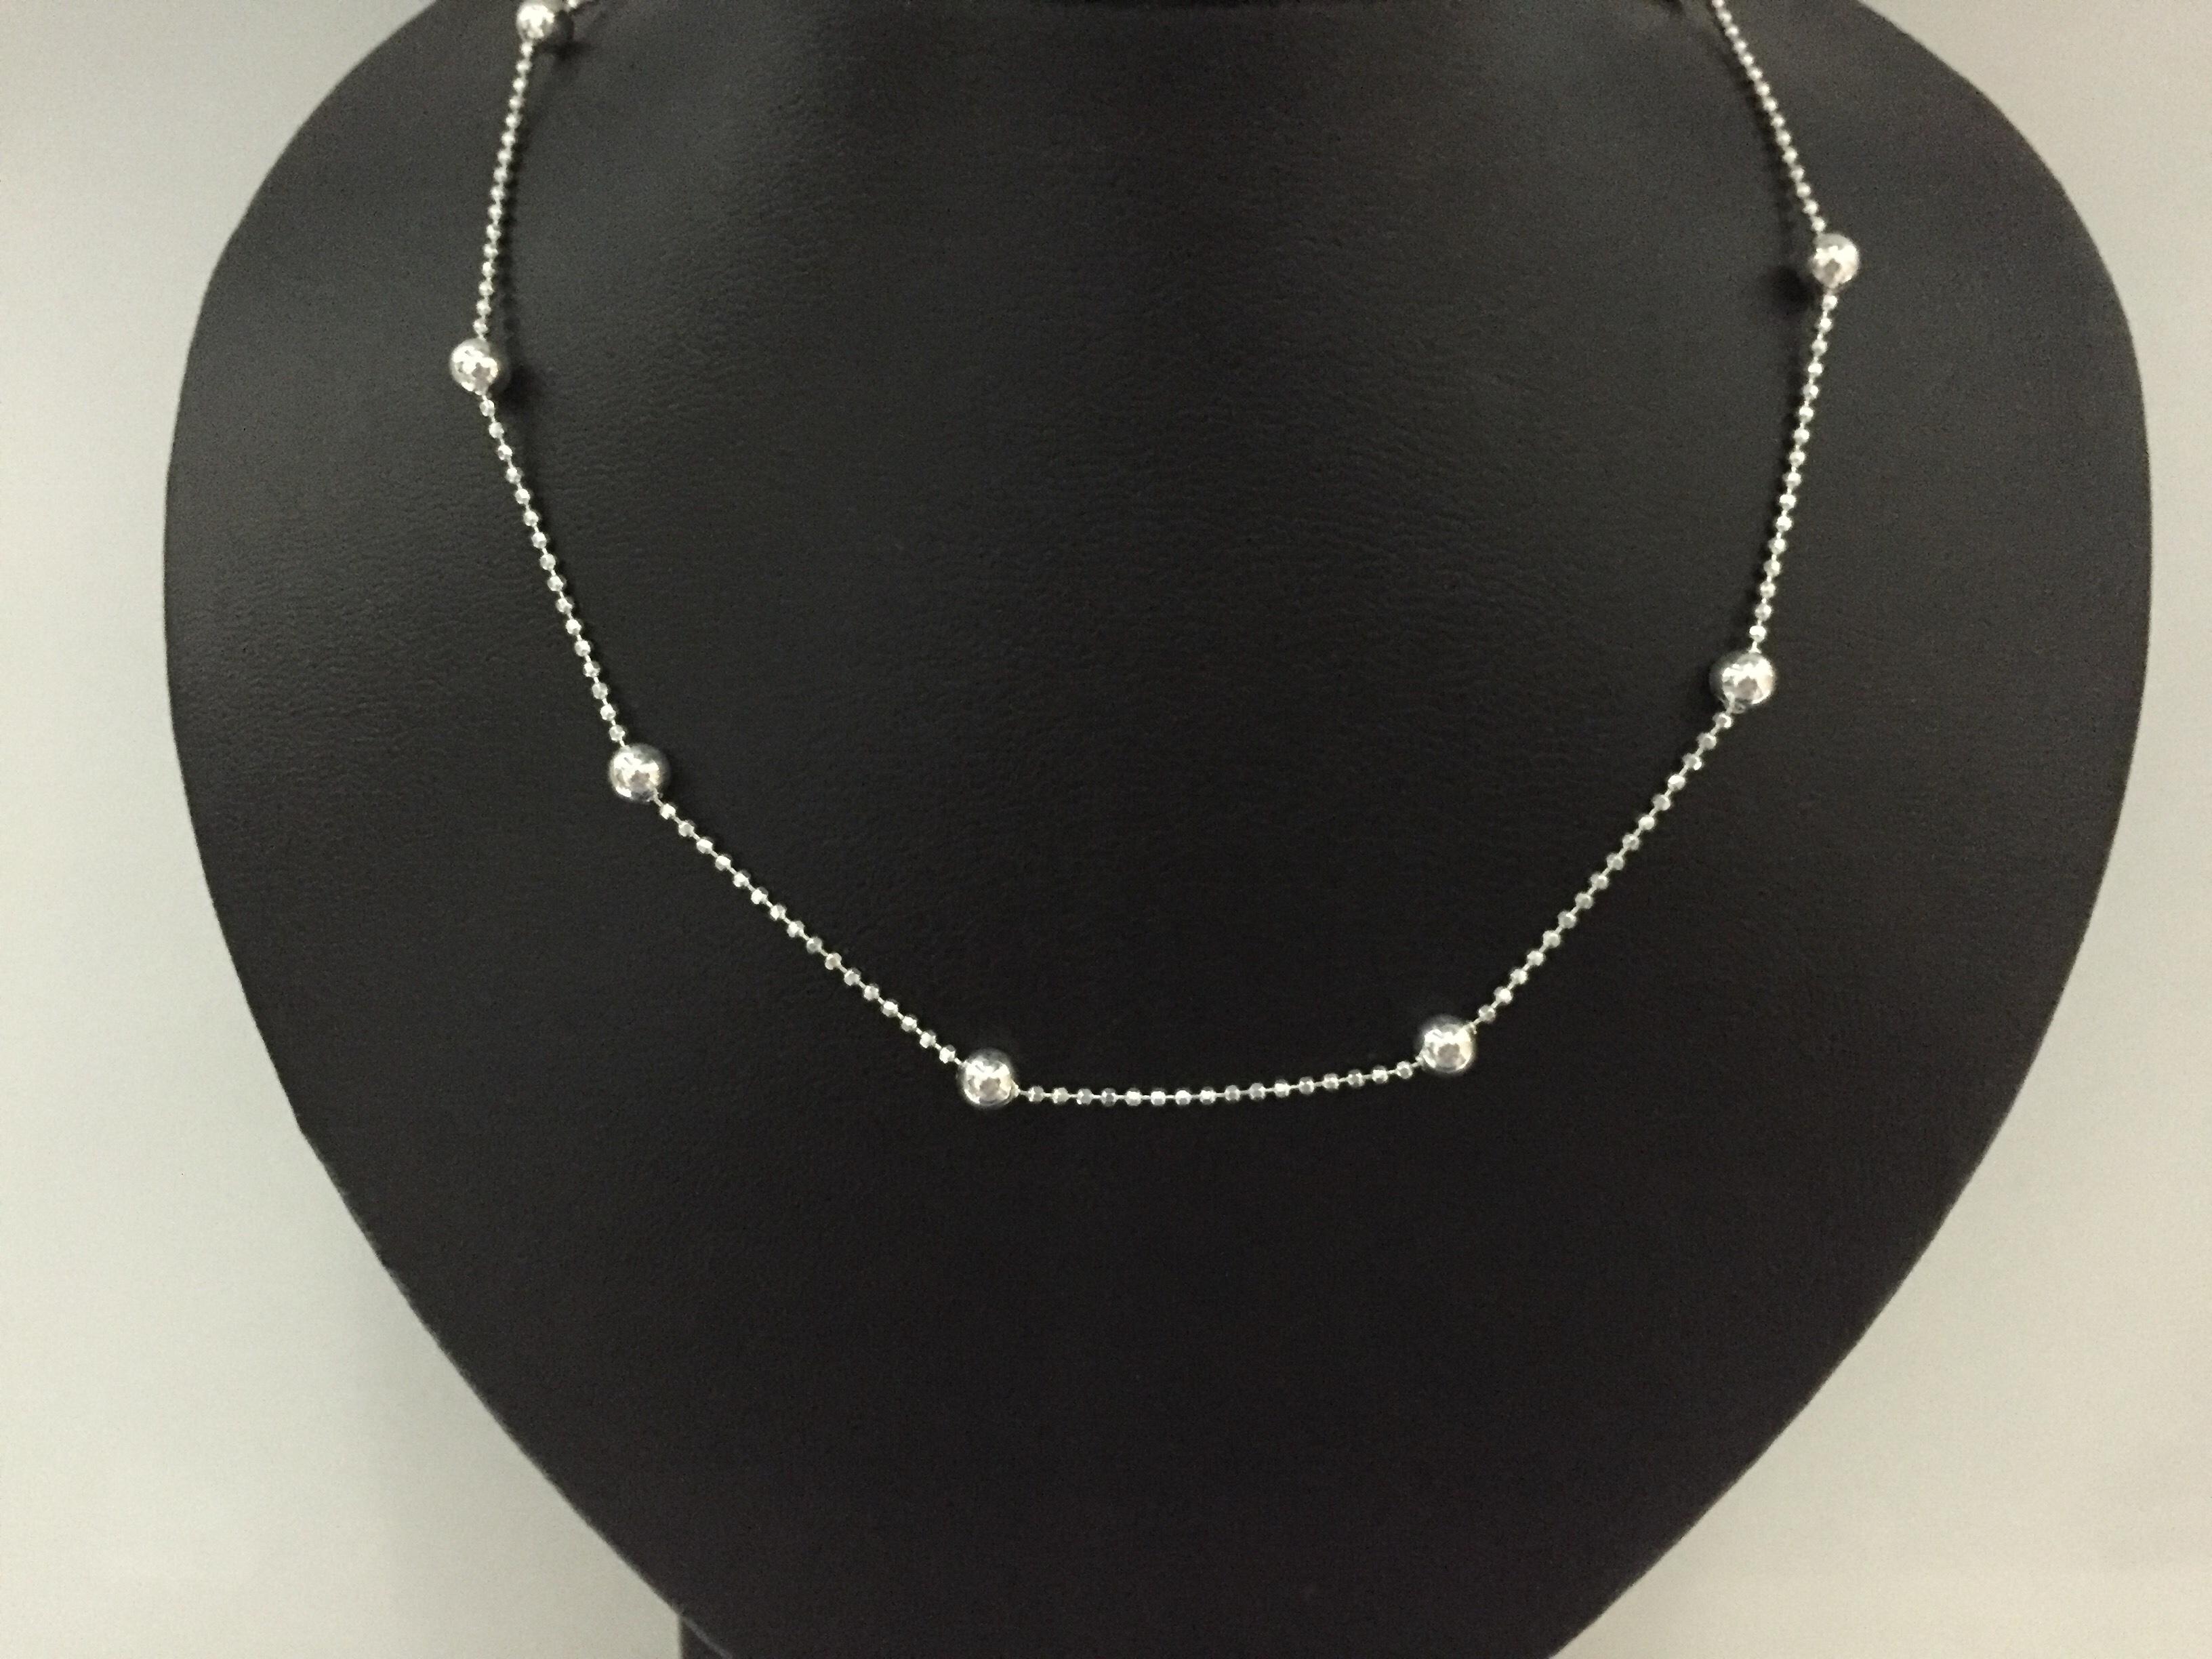 03306db3f4010 Corrente de Prata Bolinhas Diamantadas